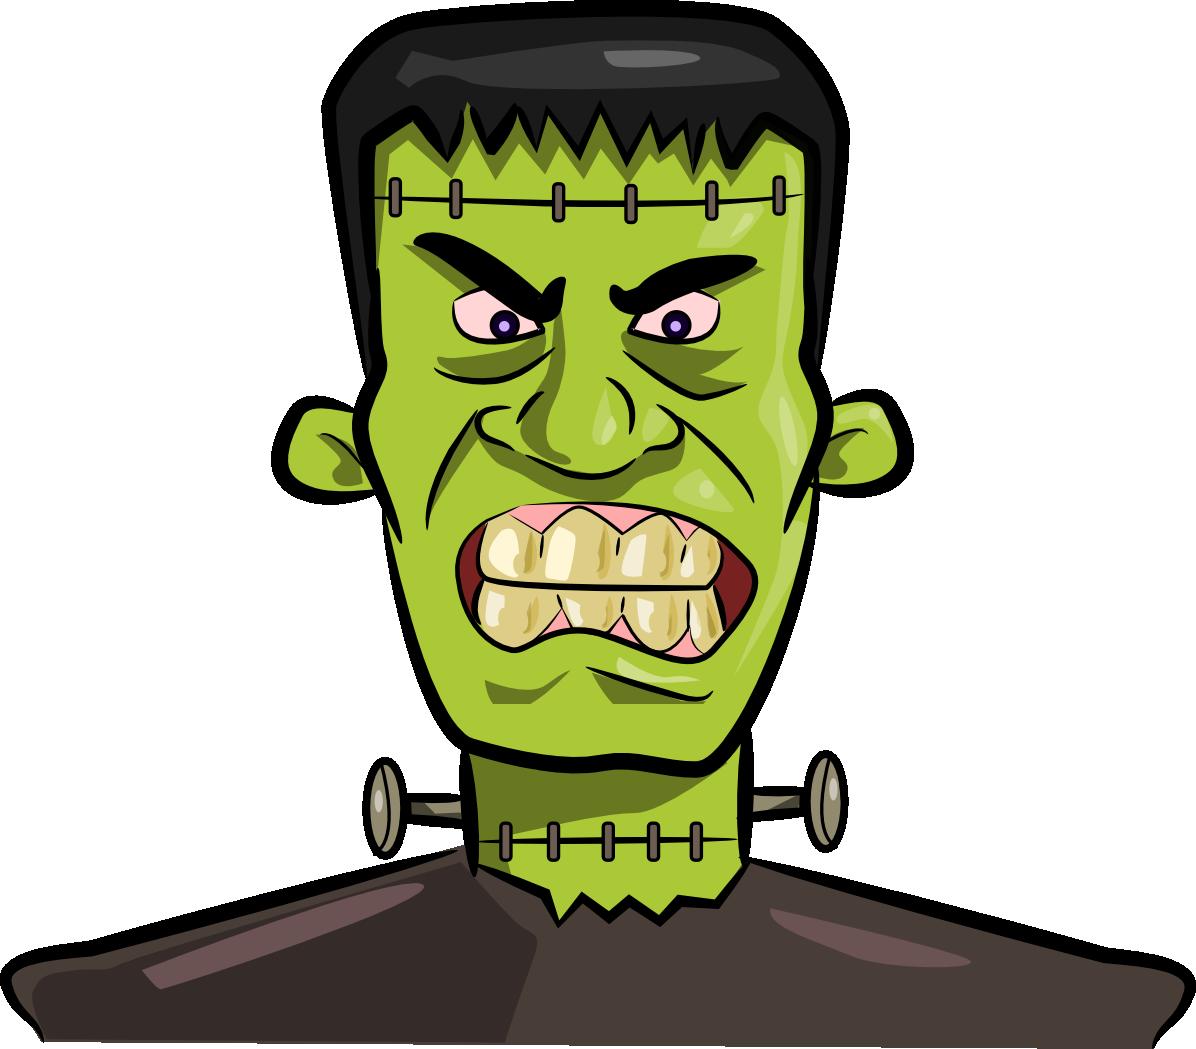 Frankenstien clipart banner freeuse stock Best Frankenstein Clipart #22440 - Clipartion.com banner freeuse stock